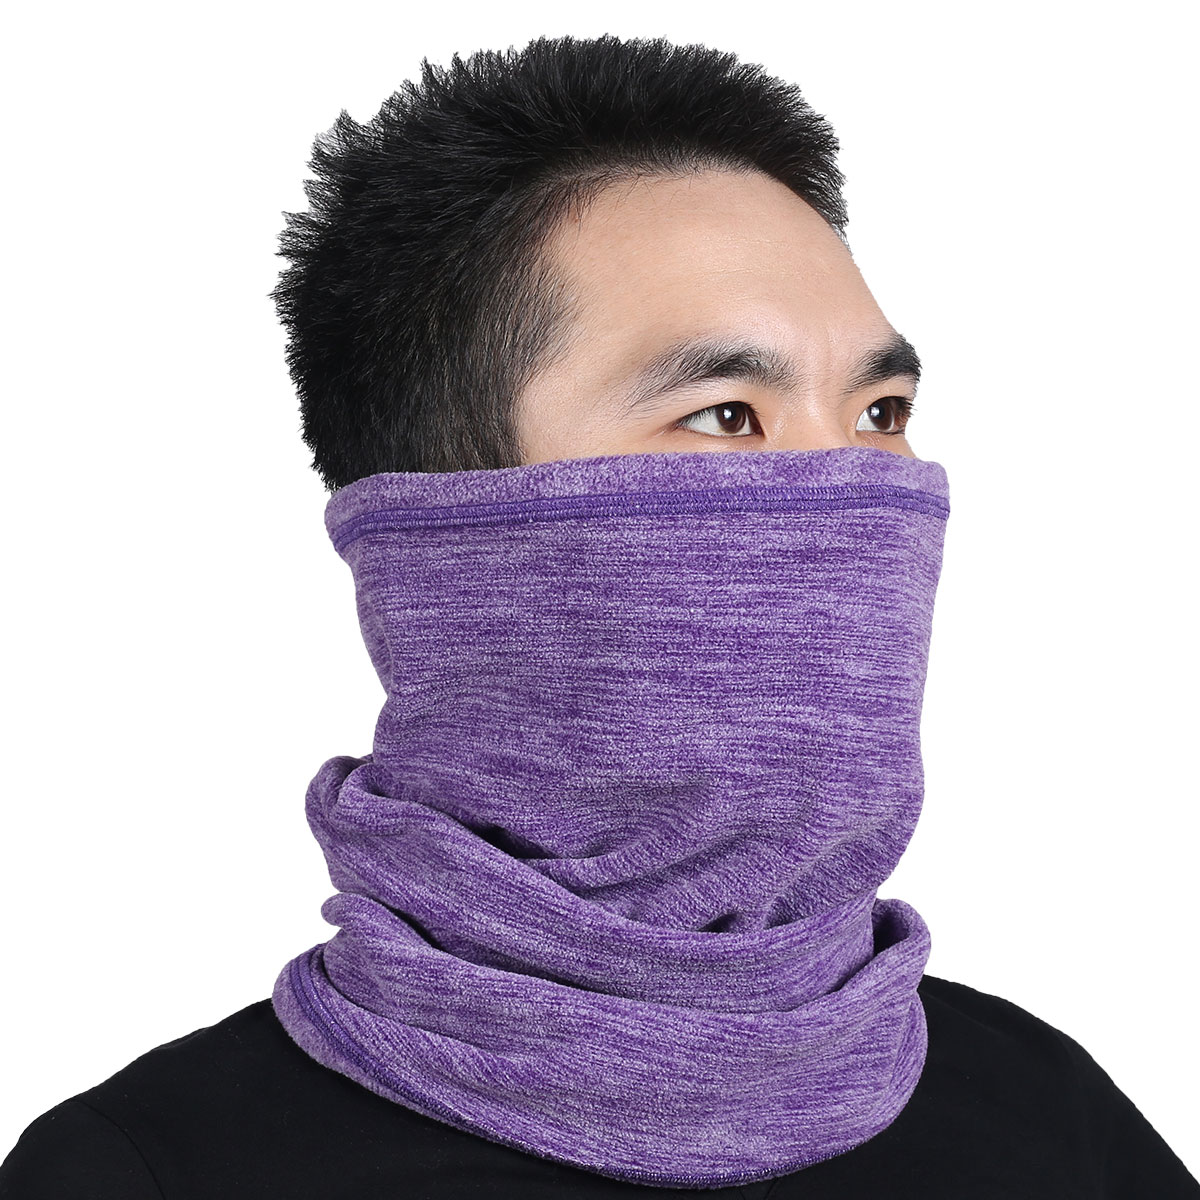 [해외]다기능 모직 양털 열전달 관개 기 온난 기 튜브 페이스 마스크 스노우 보드 Balaclava 스카프 모자 모자 머리띠 두건 모자/Multifunction Wool Fleece Thermal Neck Gaiter Warmer Tube Face Mask Snowbo